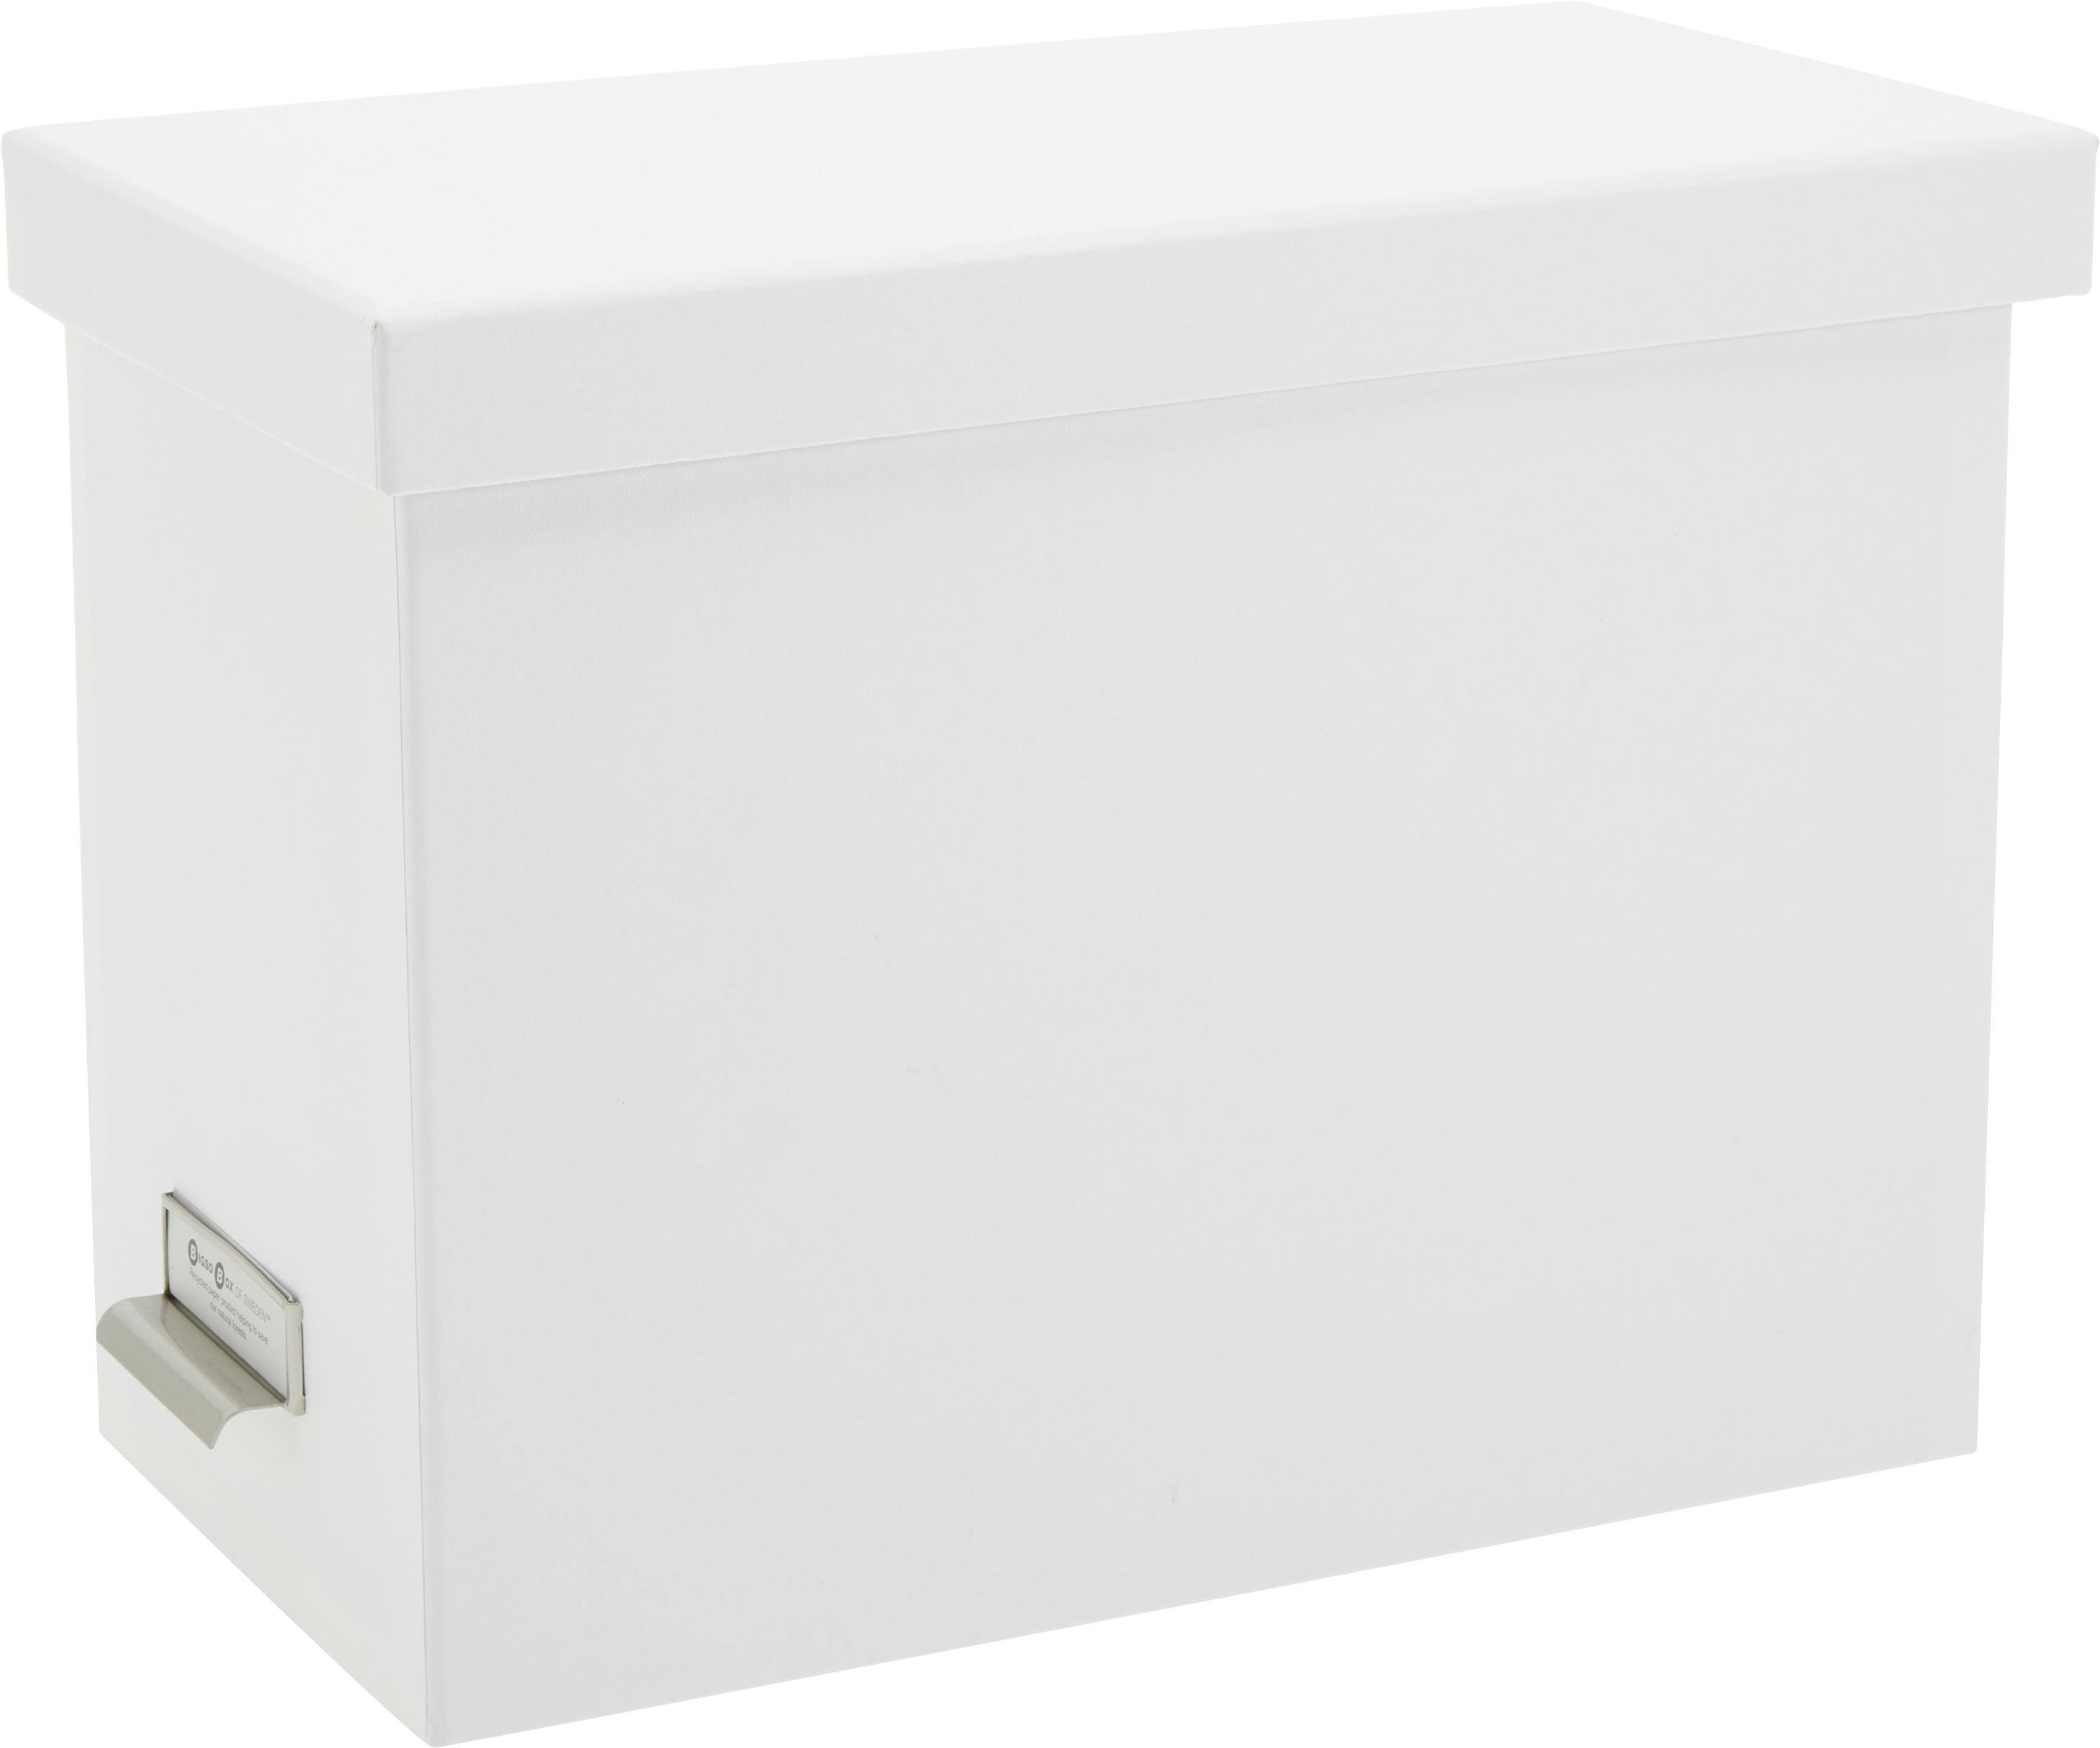 Hängeregister-Box Johan, 9-tlg., Organizer: Fester, laminierter Karto, Organizer aussen: WeissOrganizer innen: Weiss, 19 x 27 cm